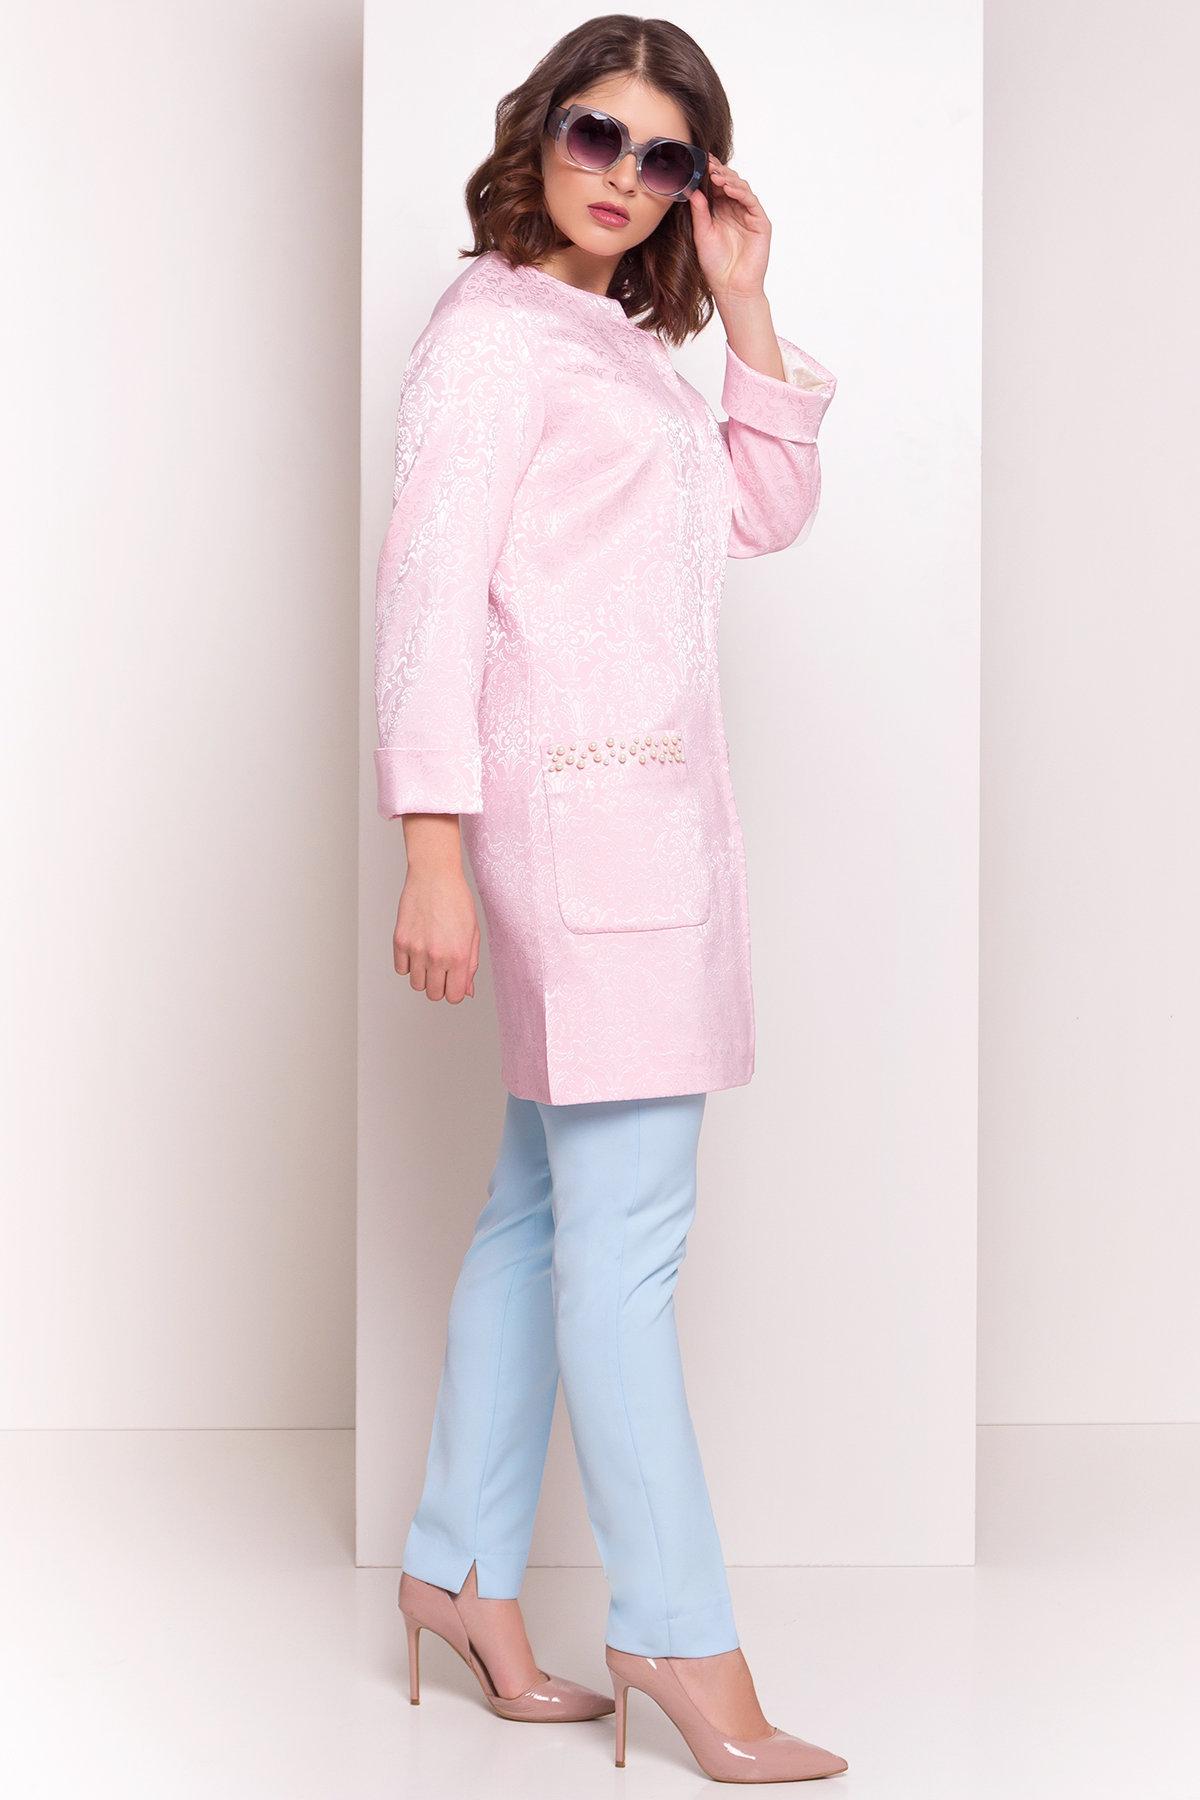 Укороченный плащ Делия 4675 АРТ. 34105 Цвет: Розовый - фото 4, интернет магазин tm-modus.ru